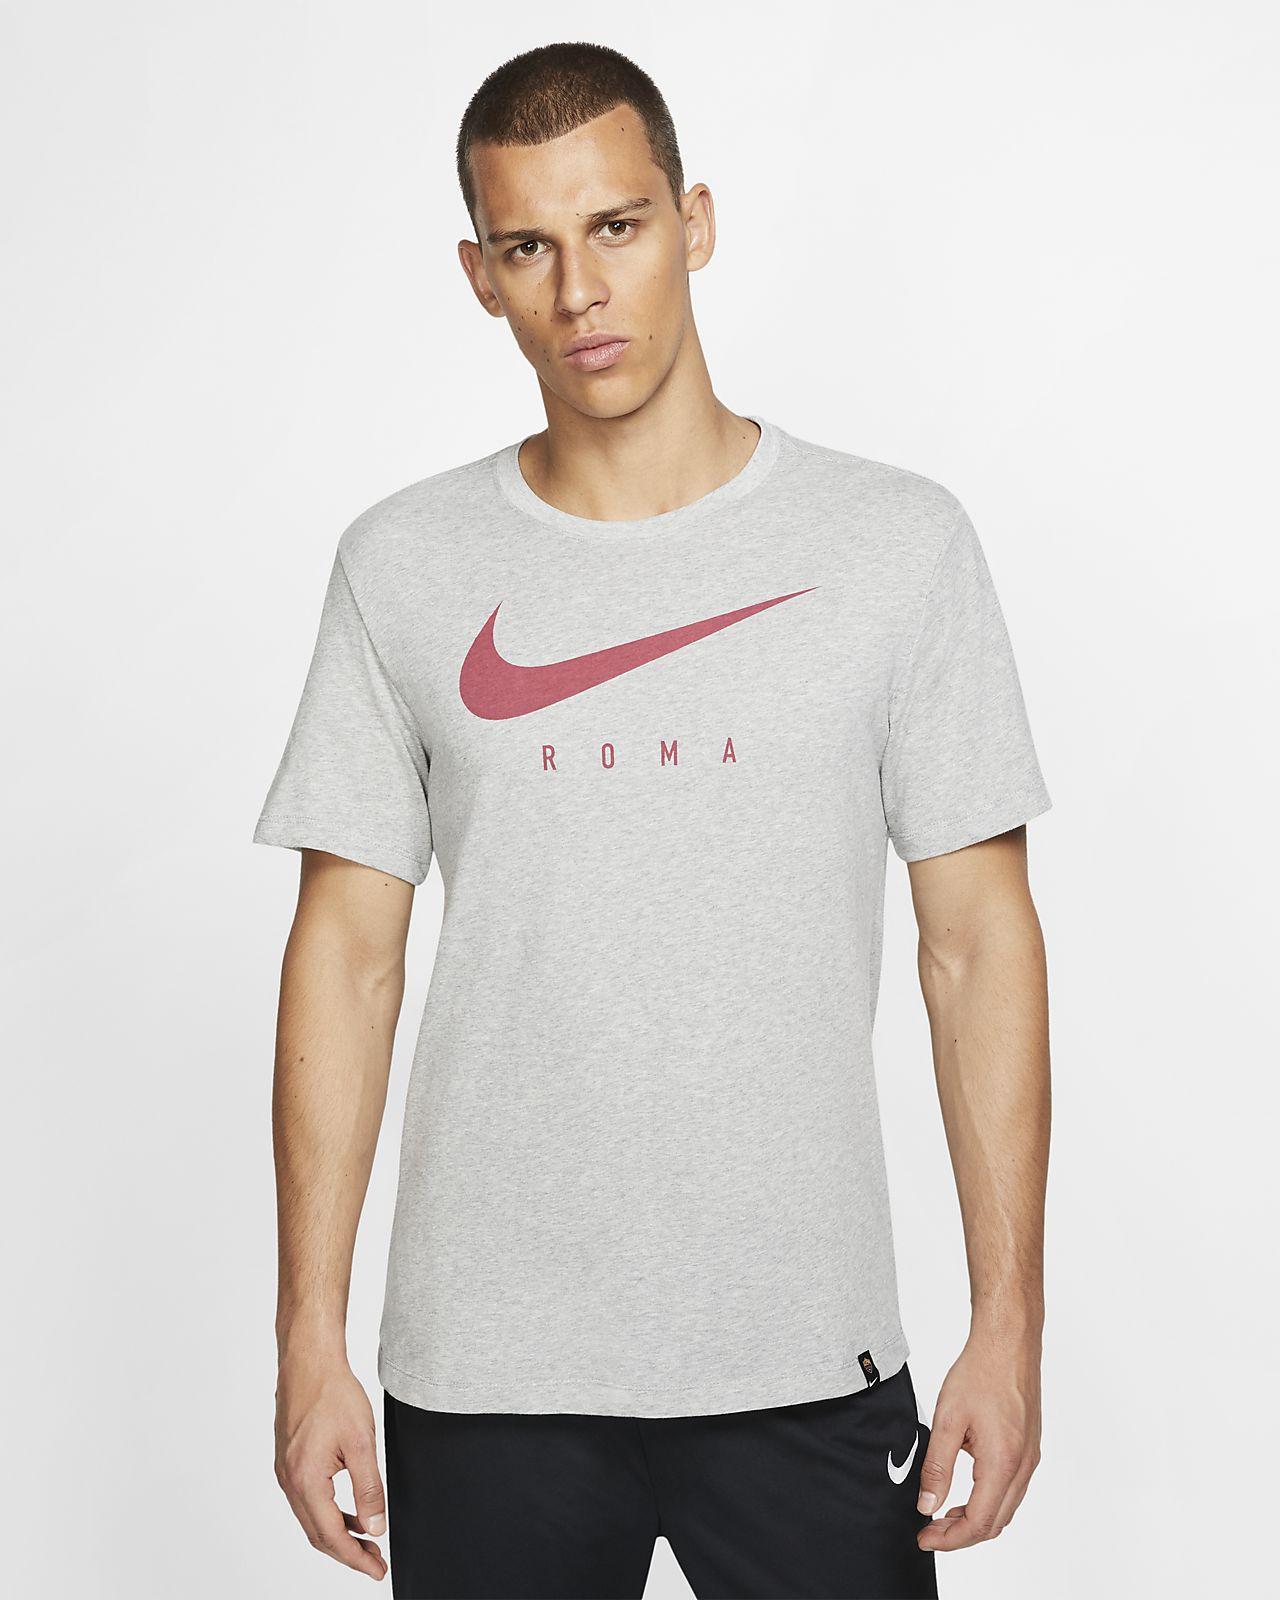 A.S. Rom Fußball-T-Shirt für Herren